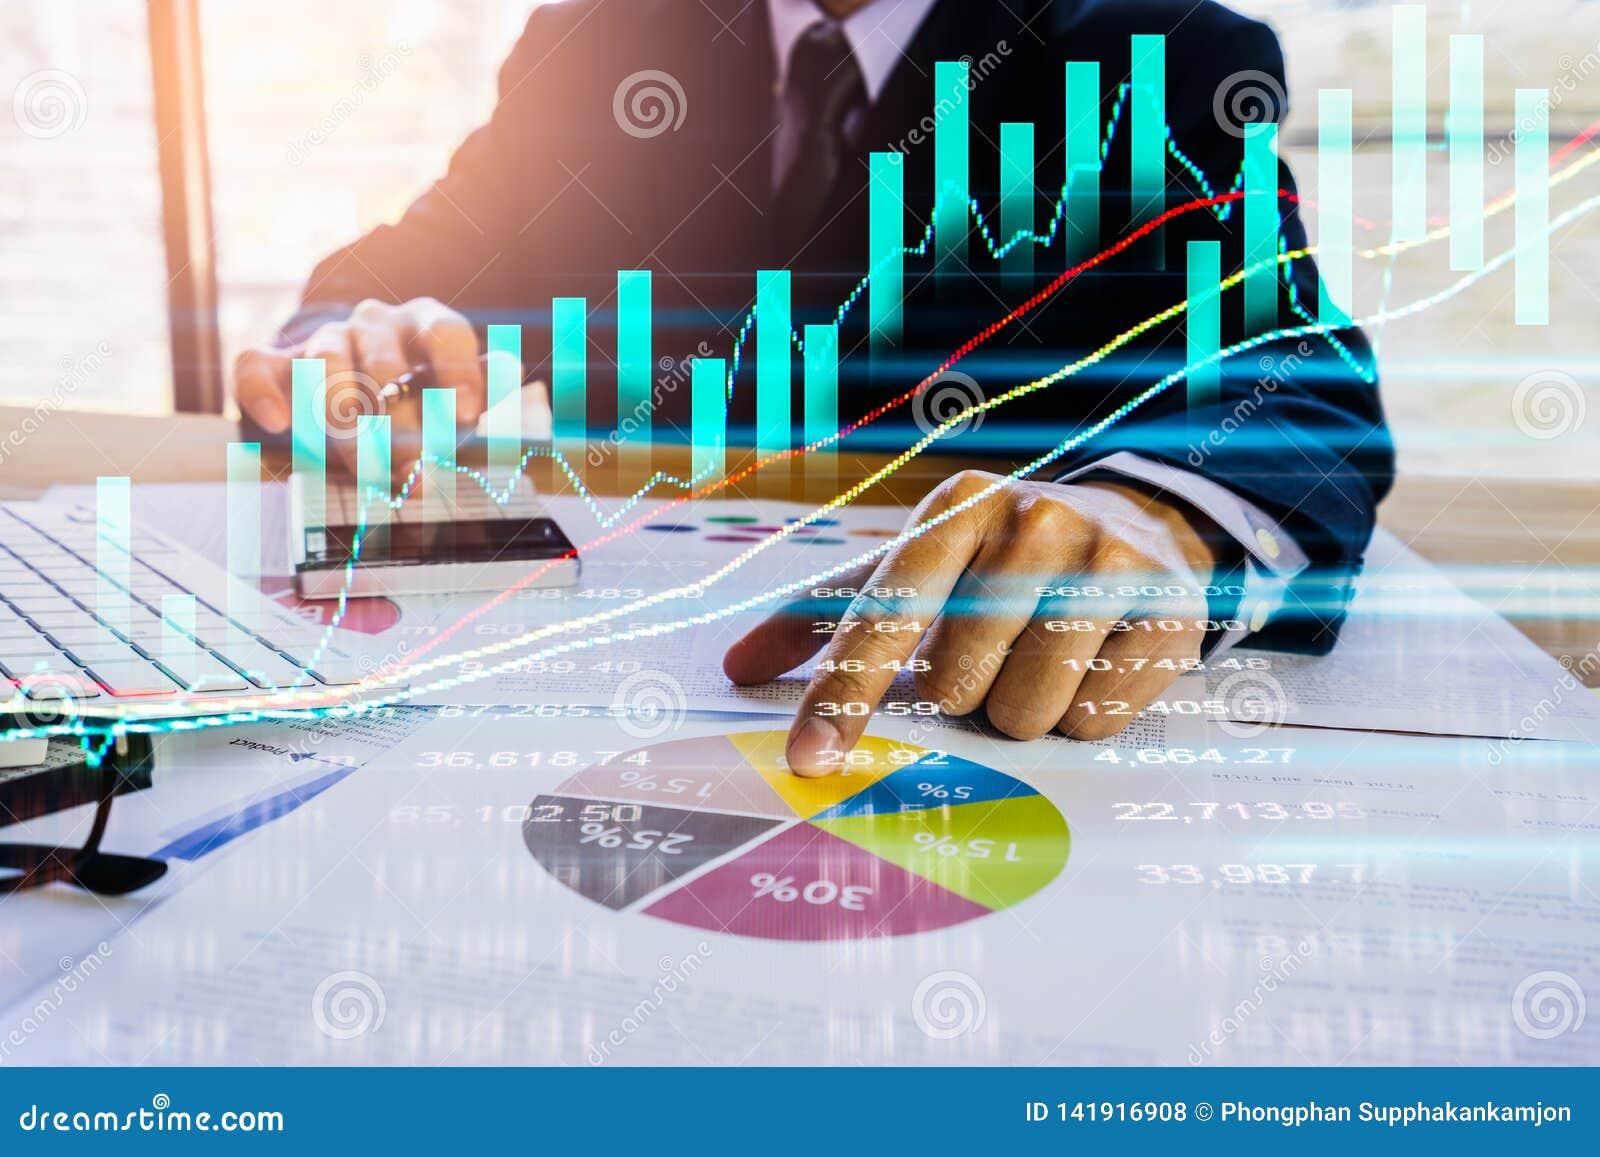 股市或外汇贸易的图表和烛台绘制适用于图表金融投资概念 经济趋向背景为